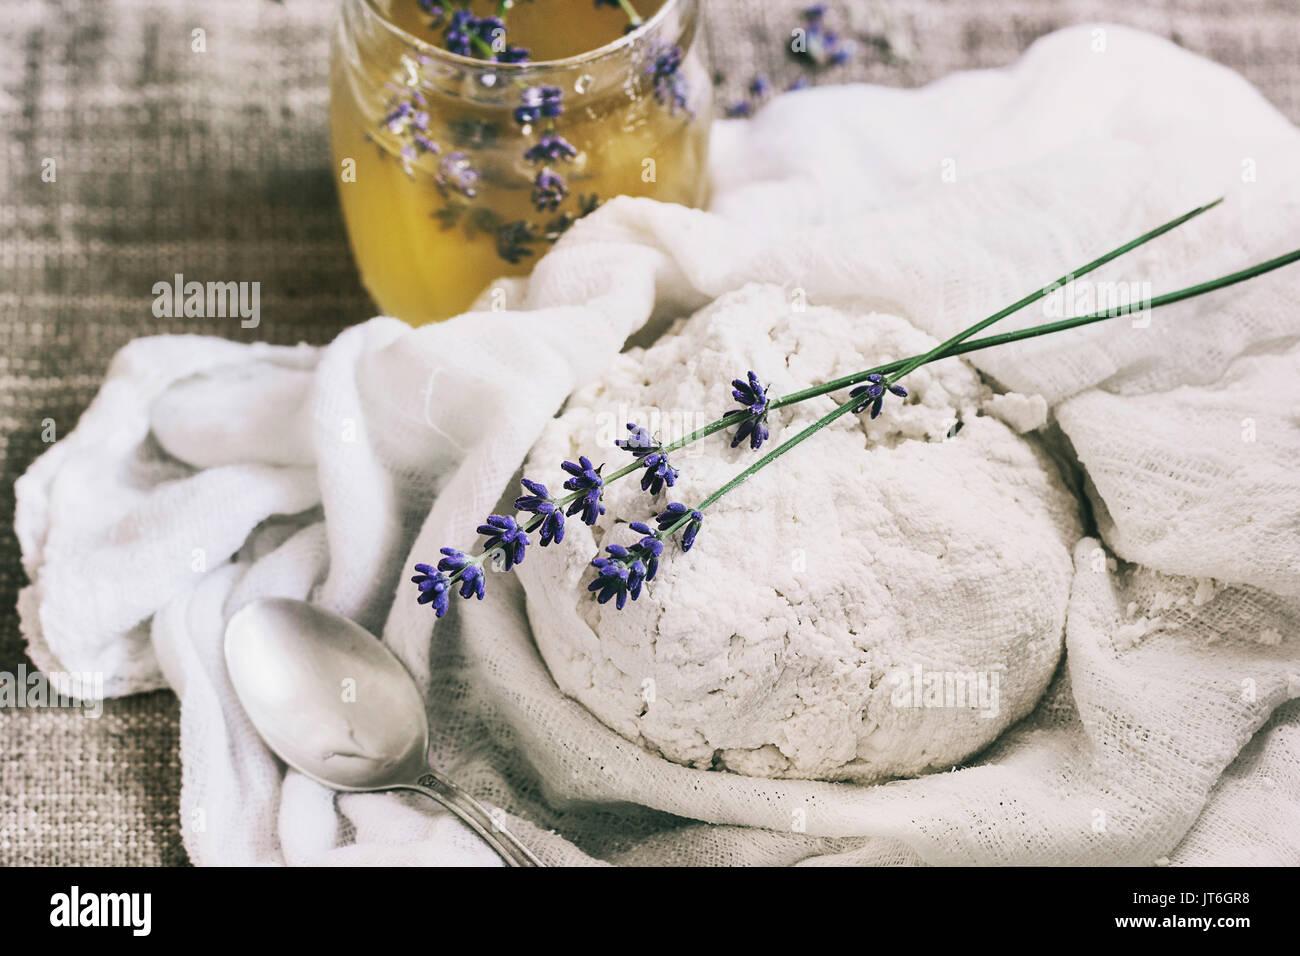 Frische Küche hausgemachte Hüttenkäse in Gaze Textil mit Lavendelblüten und Honig über Sack Hintergrund. Rustikaler Stil, Tageslicht Stockbild